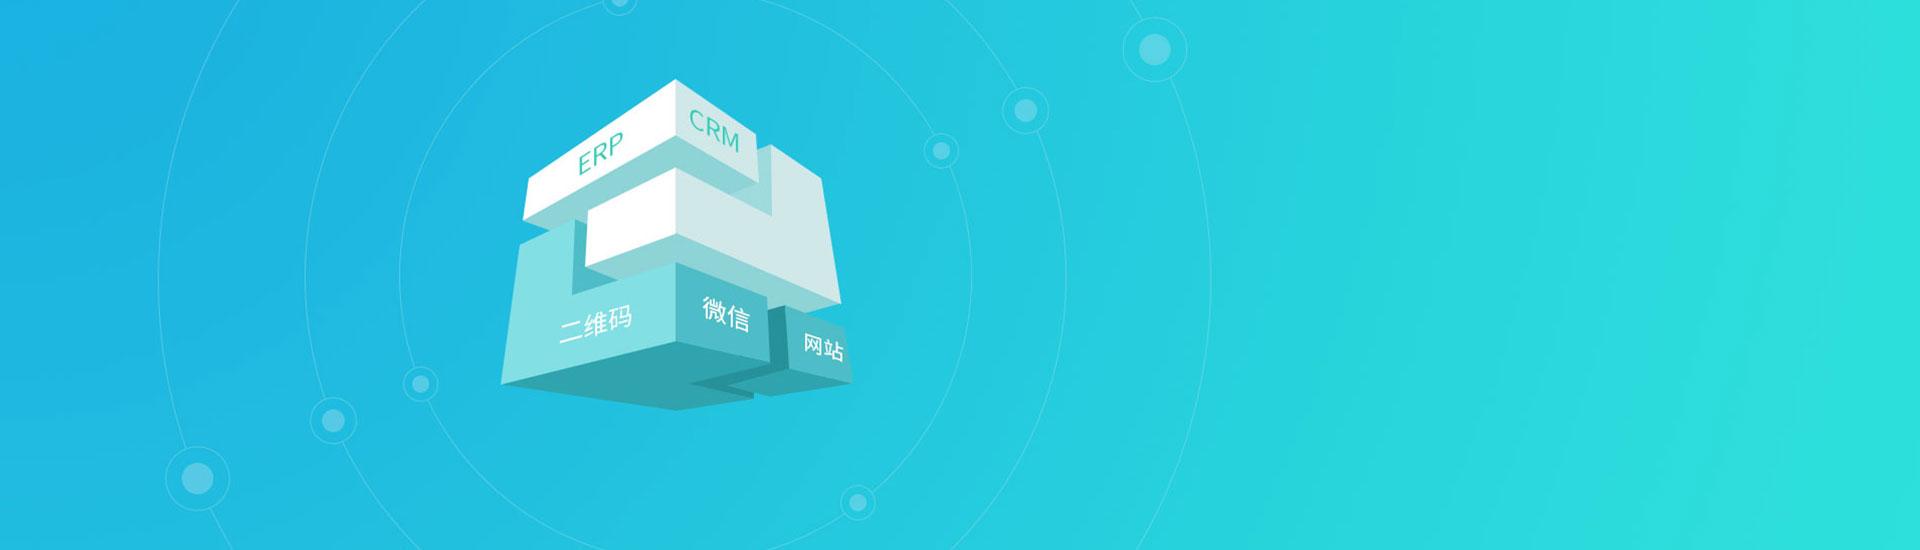 个人学习和生活信息记录 www.bdua.cn